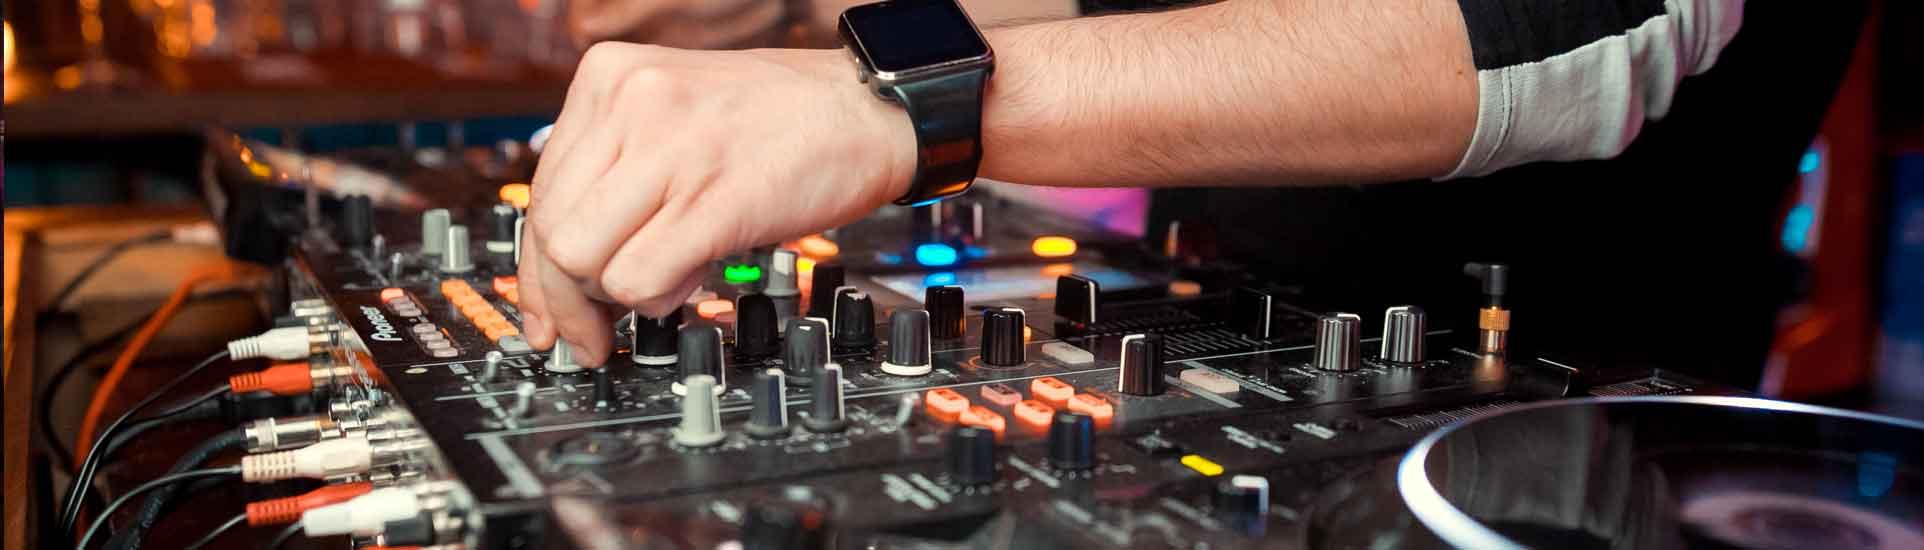 rhodes-events-sound-equipment-services-header